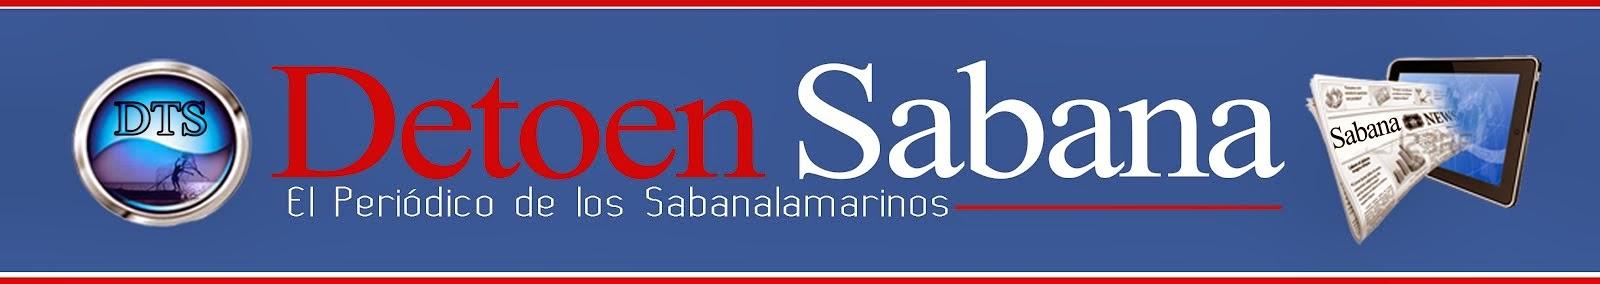 """DetoenSabana.Com """"El Periódico de los Sabanalamarinos"""""""